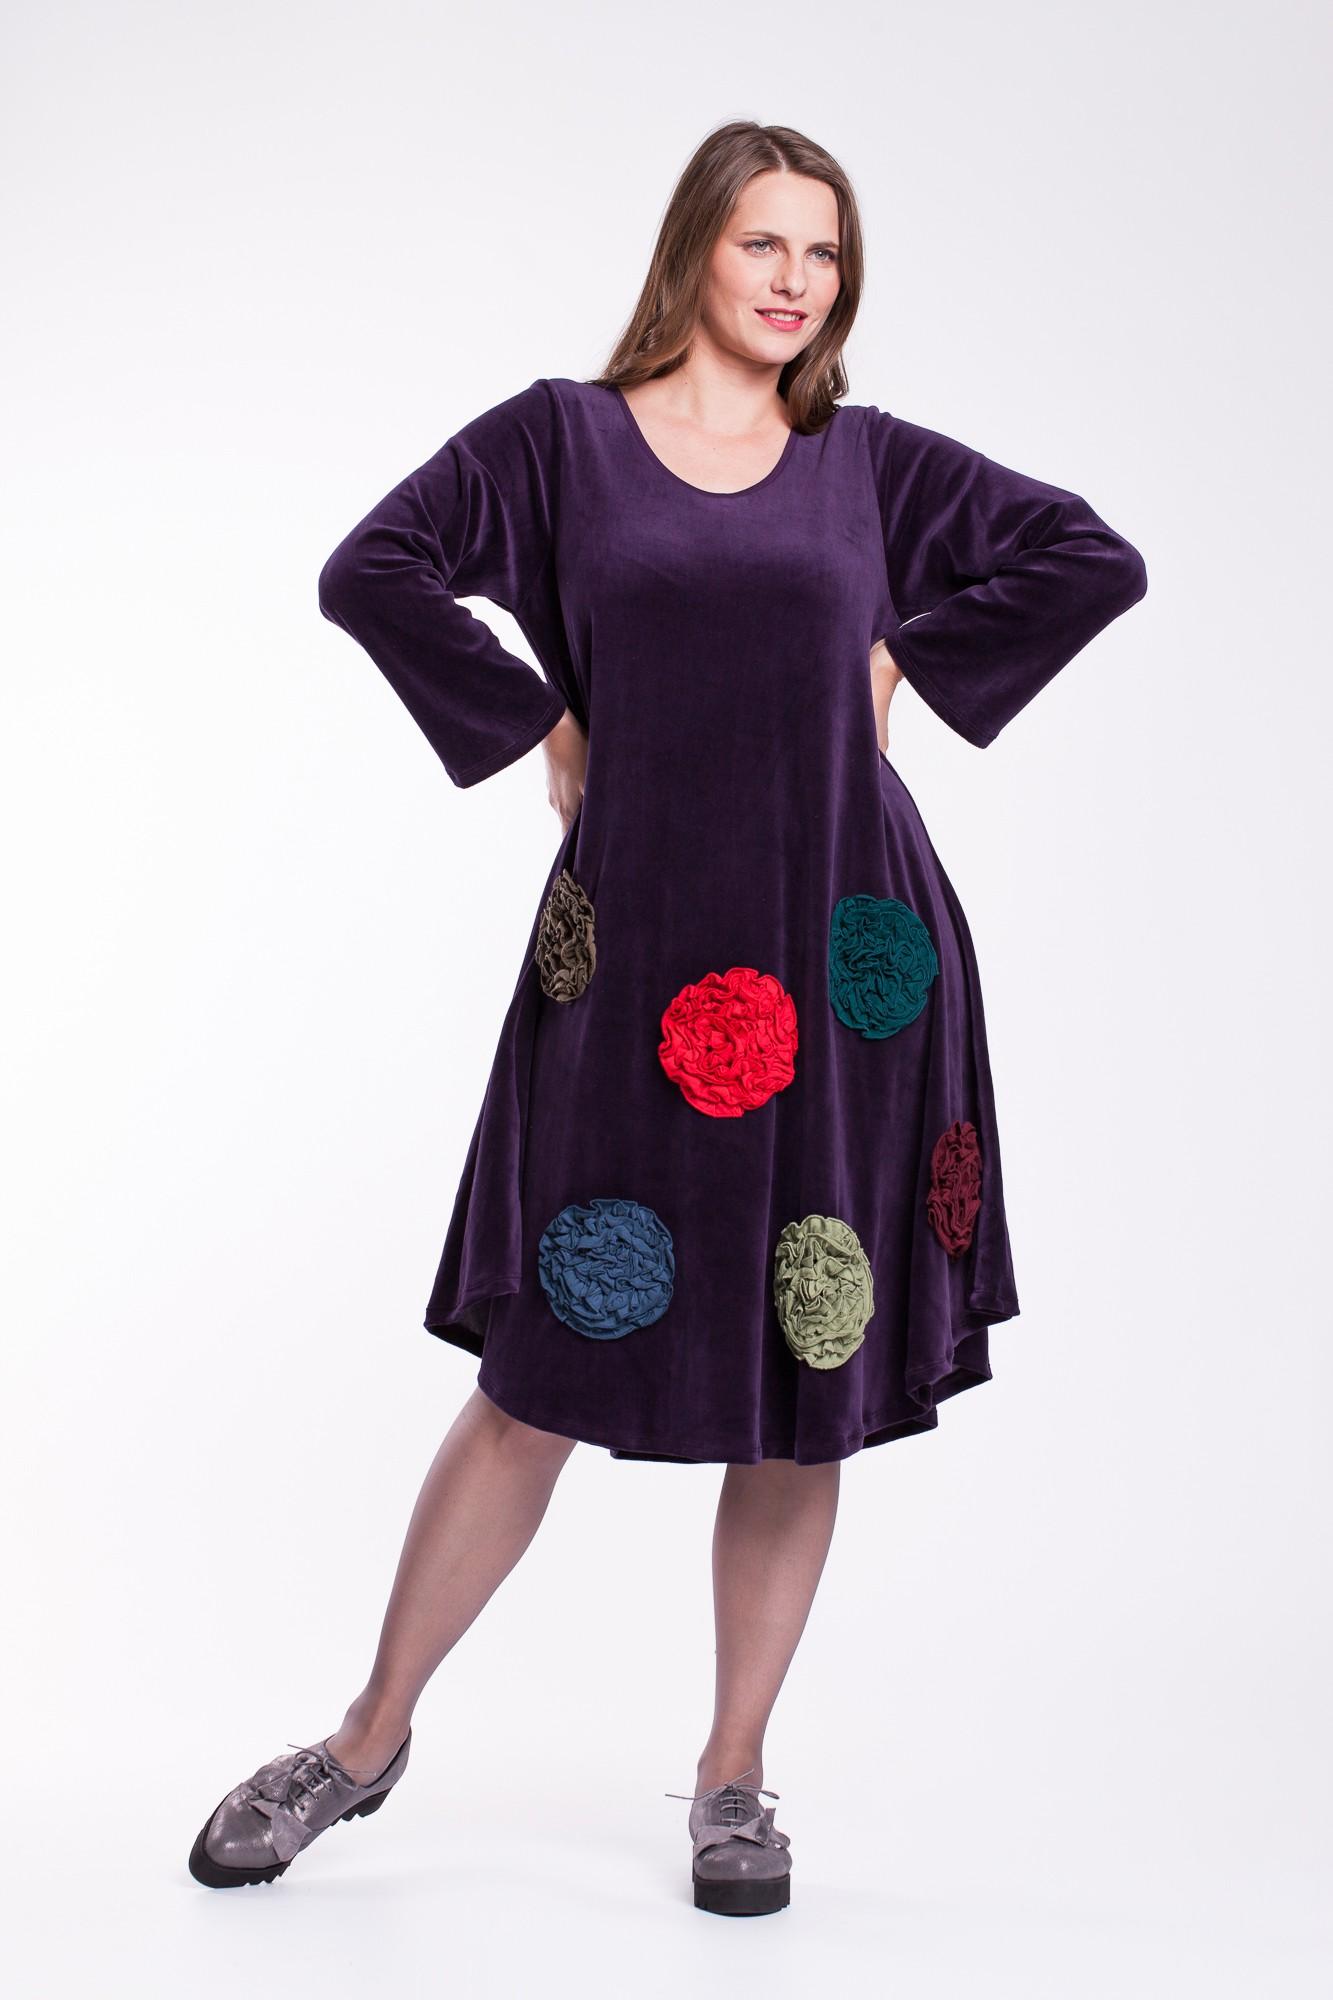 Rochie de catifea mov cu flori colorate